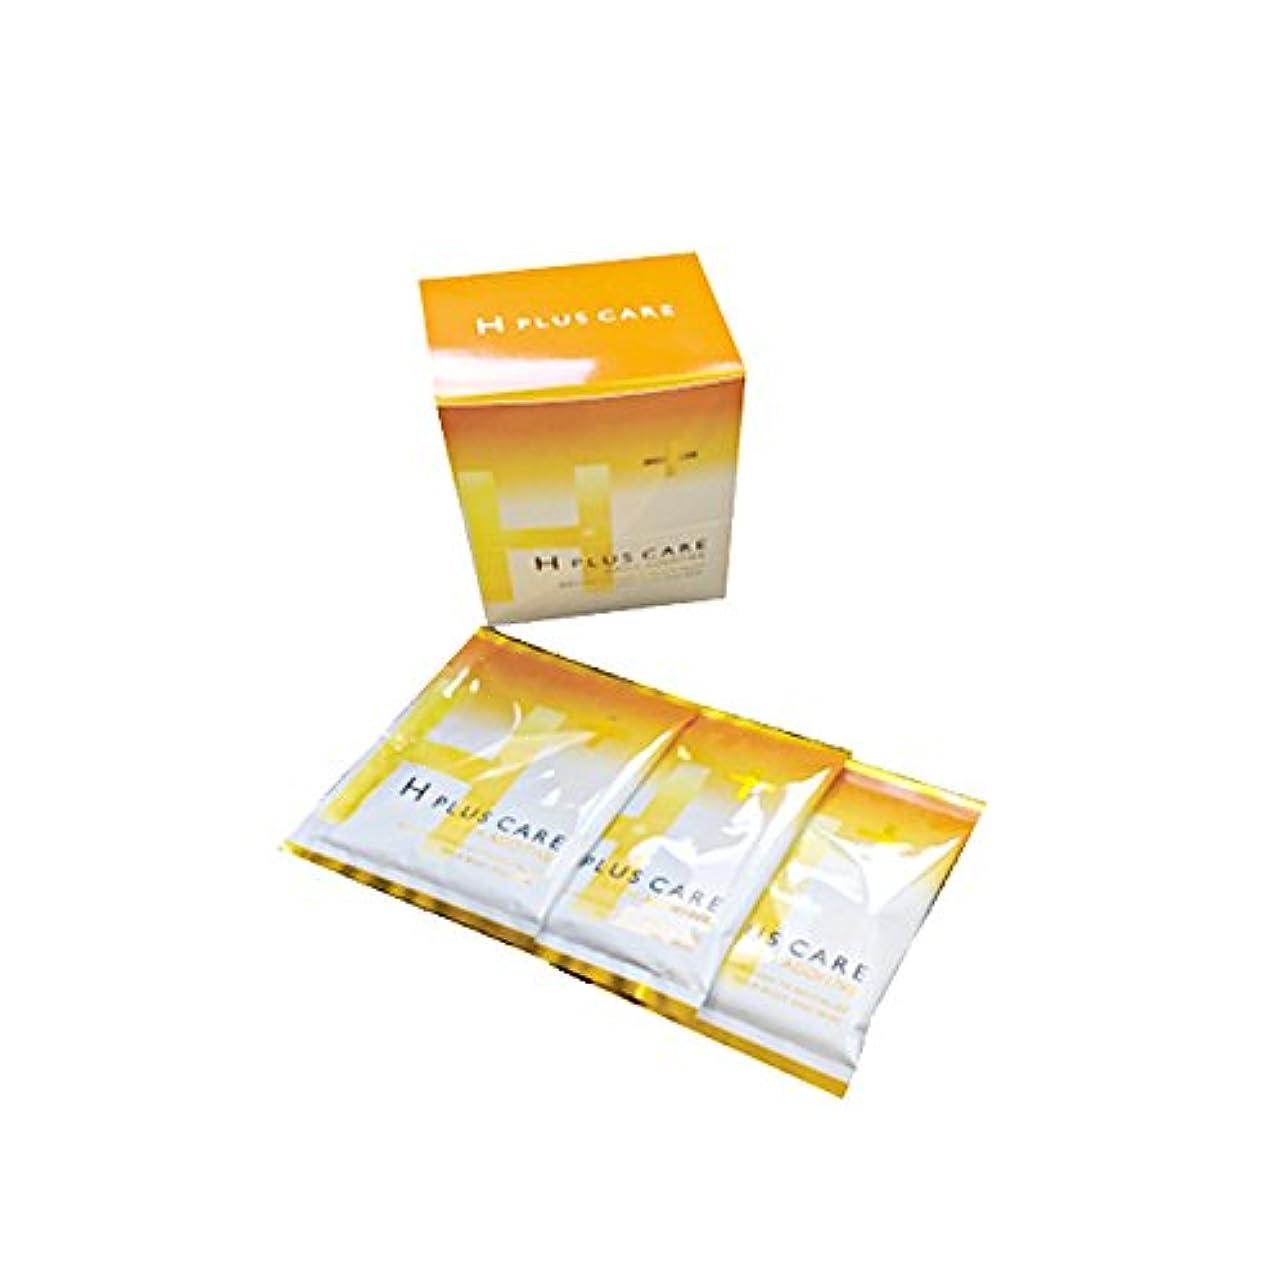 テロリストかなり淡い水素浴用剤 H PLUS CARE(エイチプラスケア) 450g(45g×10包) アンタレス